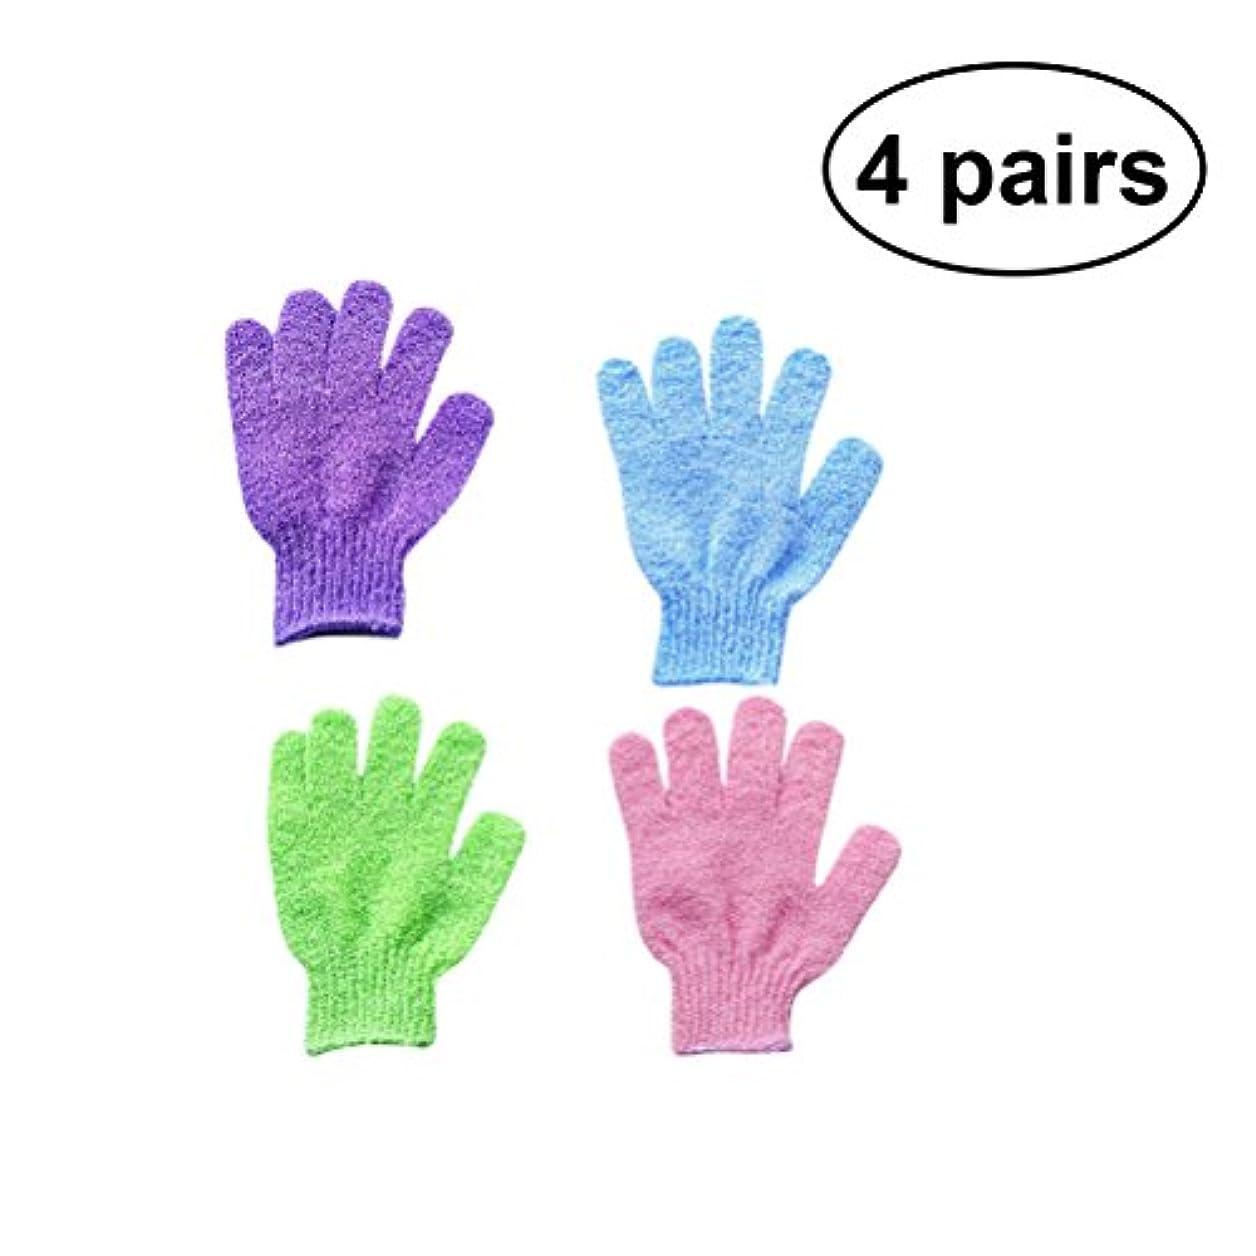 遮るビクタークリエイティブHealifty 4 Pairs Exfoliating Bath Gloves Shower Mitts Exfoliating Body Spa Massage Dead Skin Cell Remover